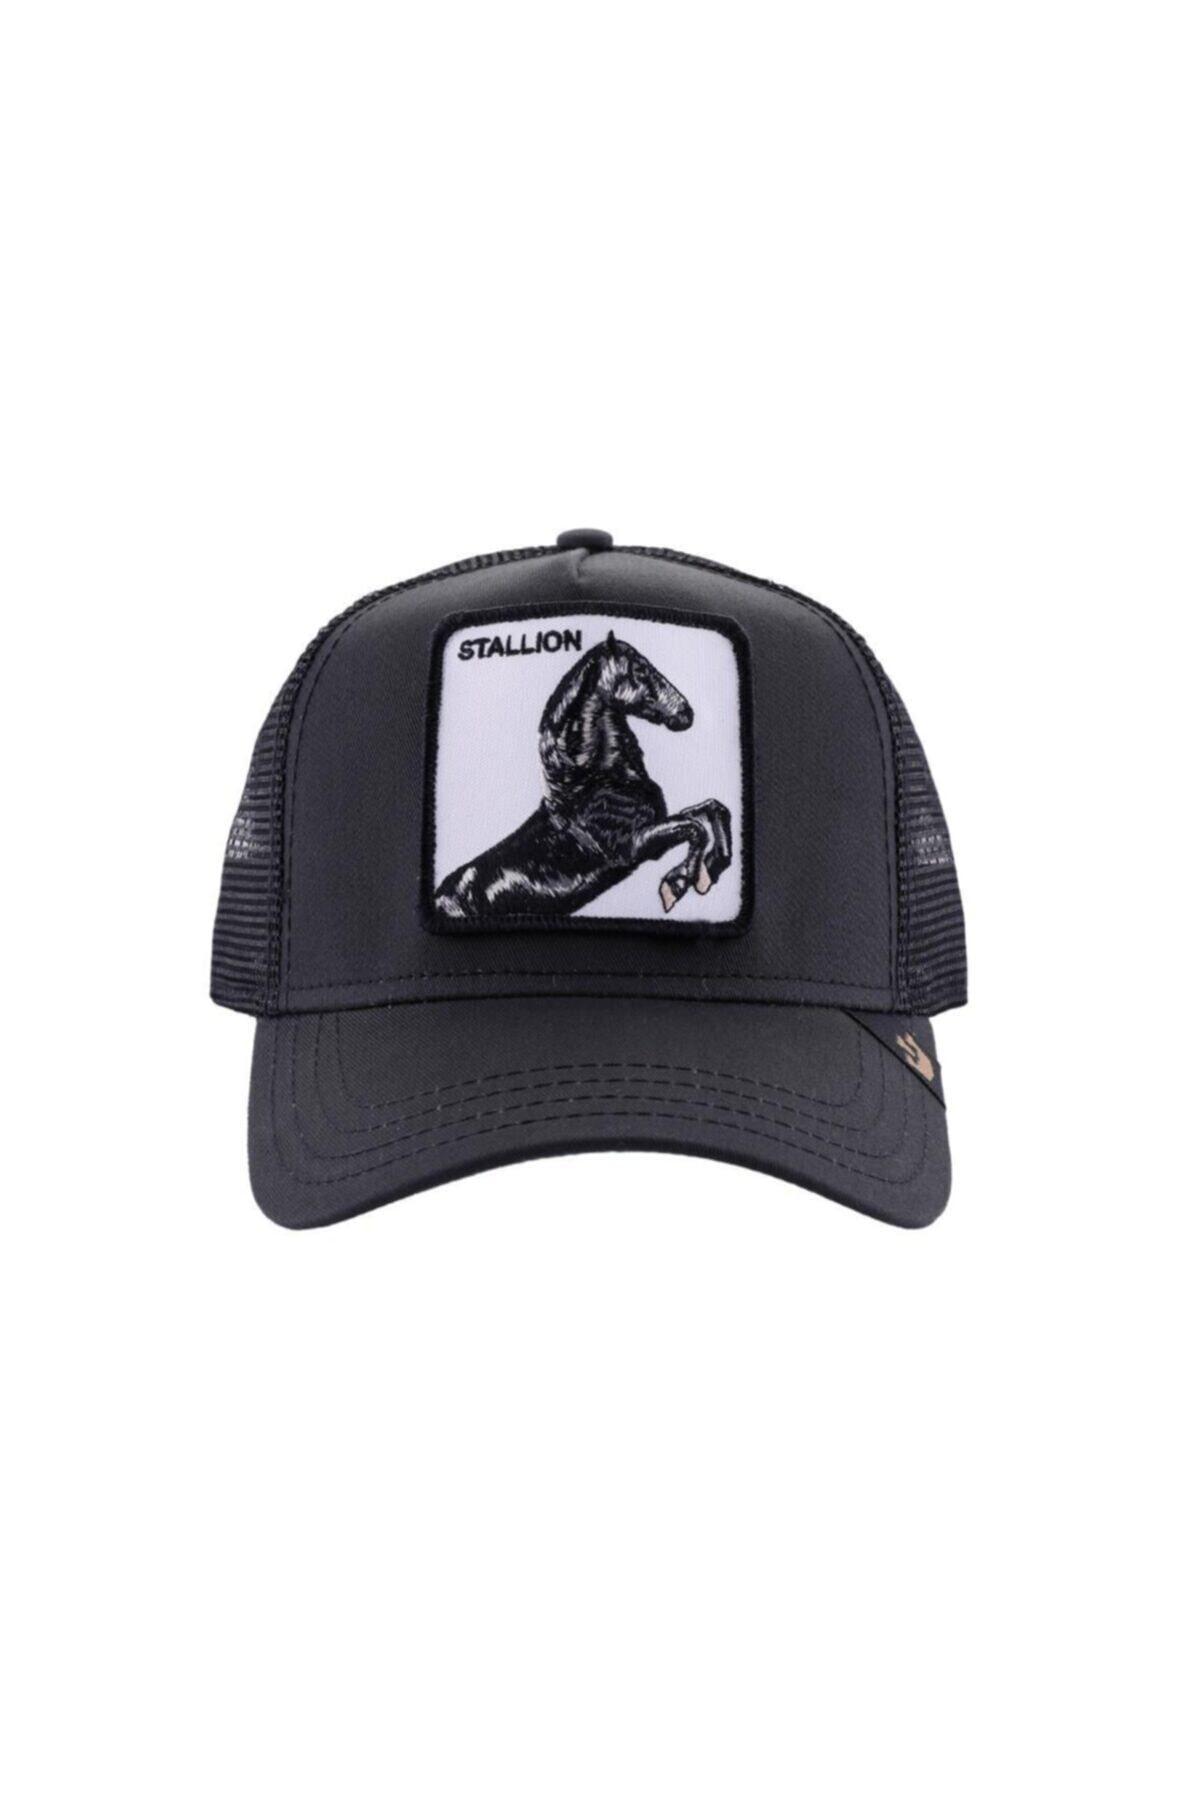 Goorin Bros Şapka - Stallion 1